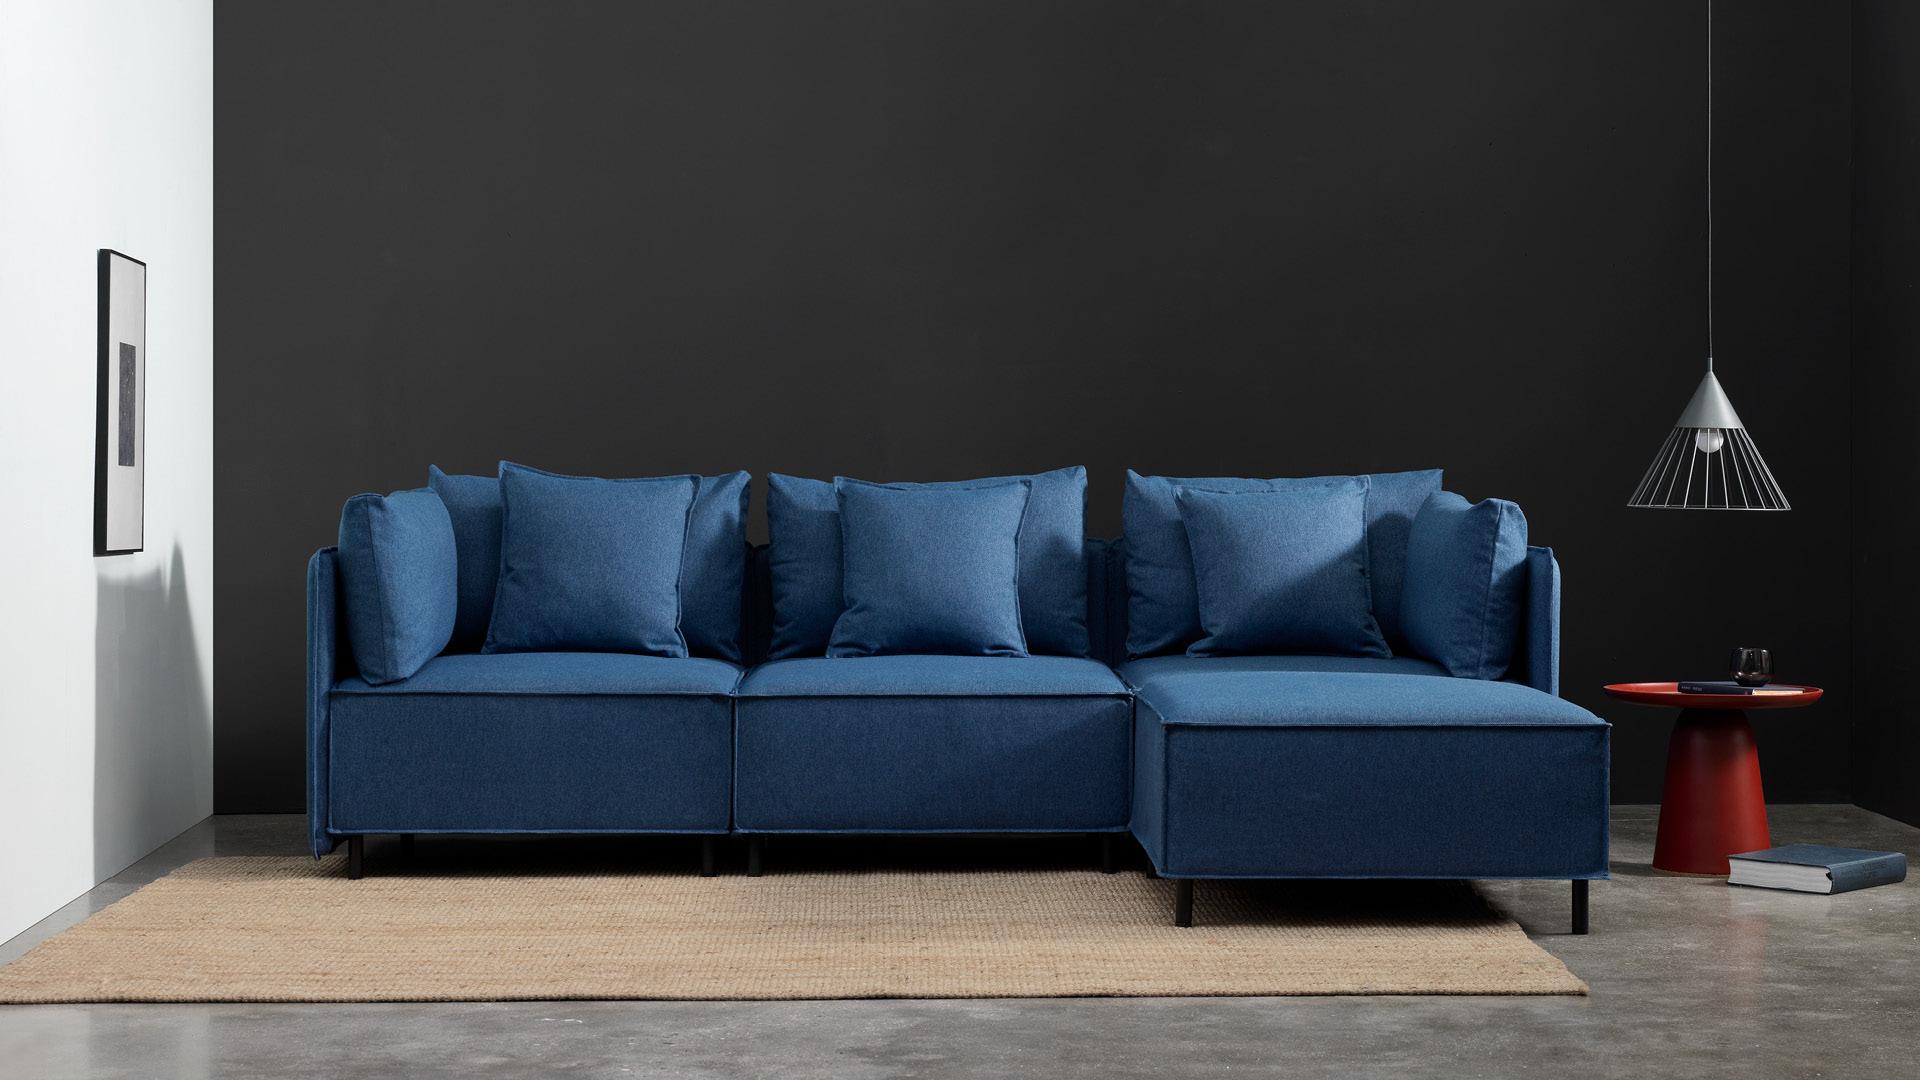 新版雾蓝色,有型的客厅中心